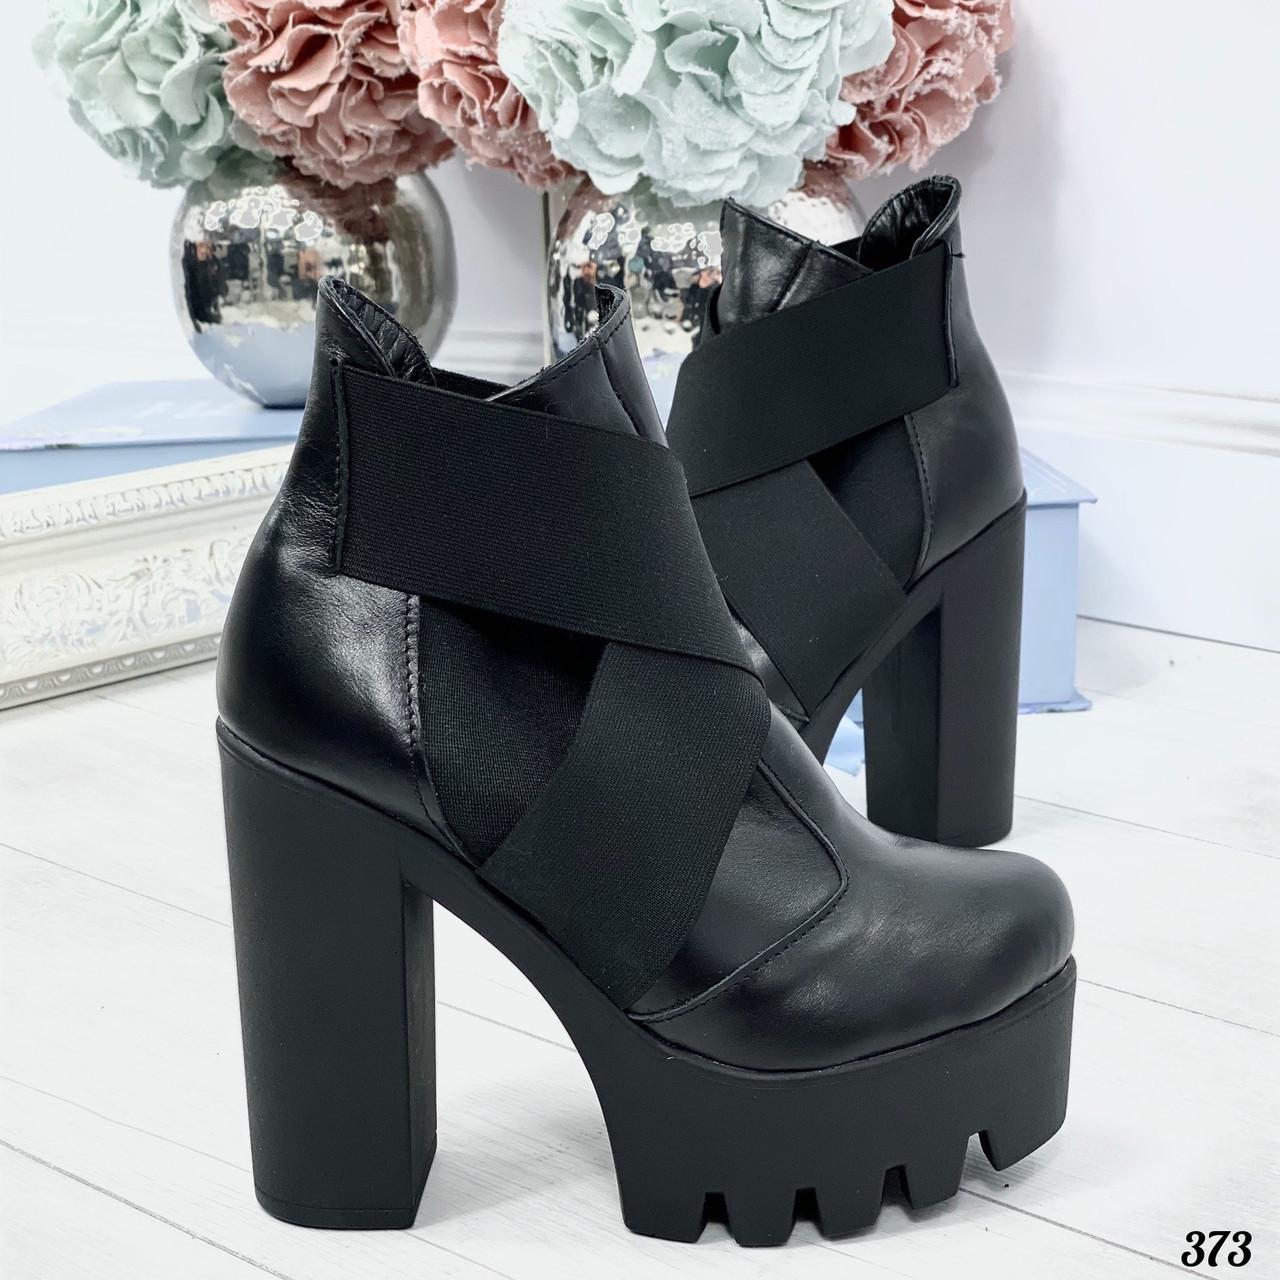 37 р. Ботильоны женские зимние черные кожаные на высоком каблуке, из натуральной кожи, кожа